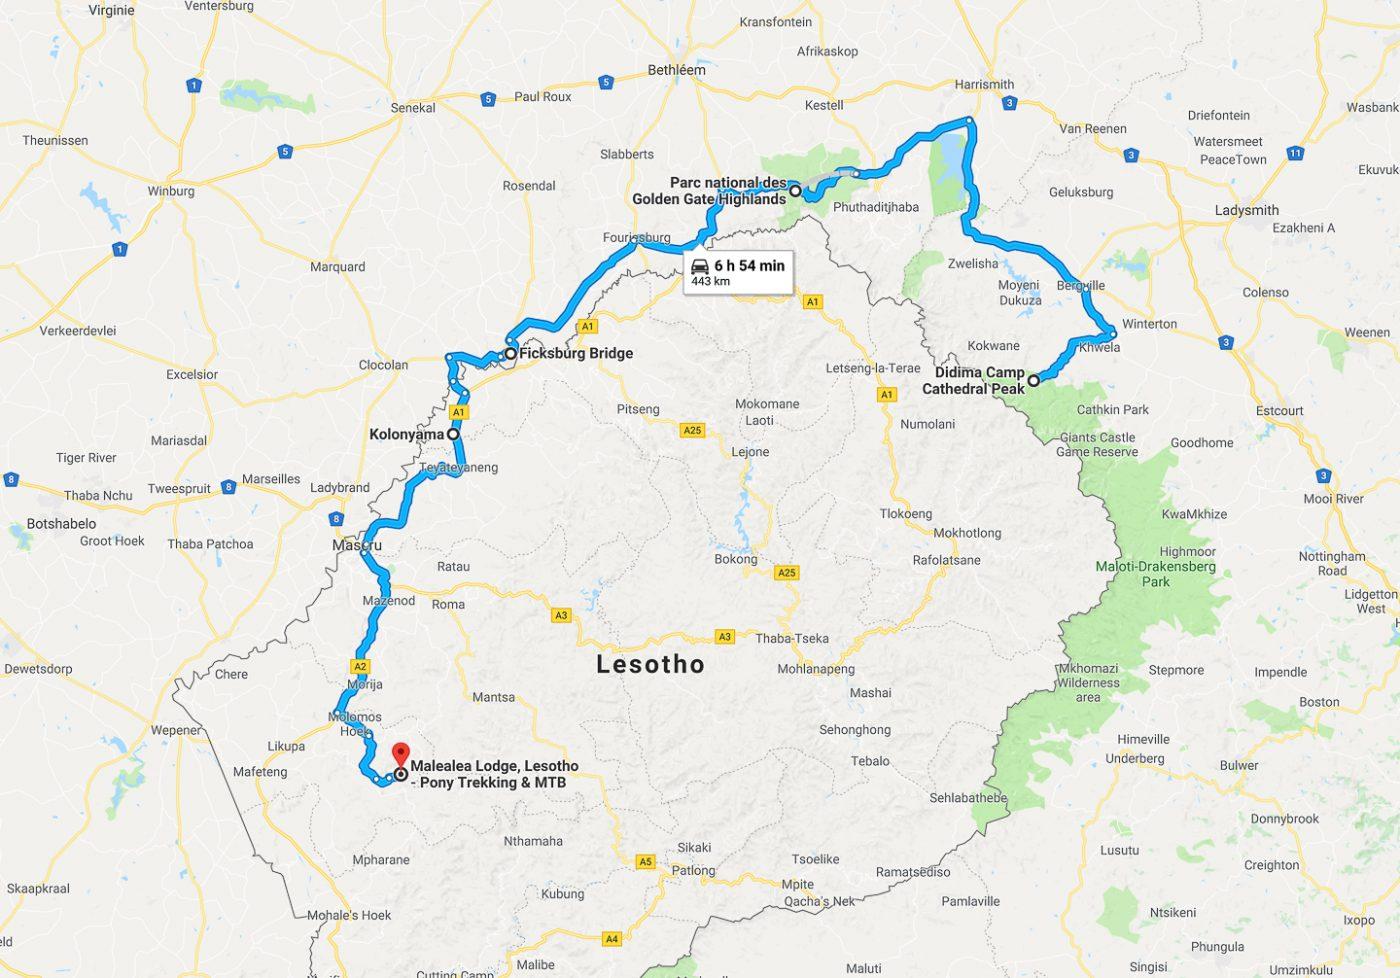 Drakensberg - Lesotho